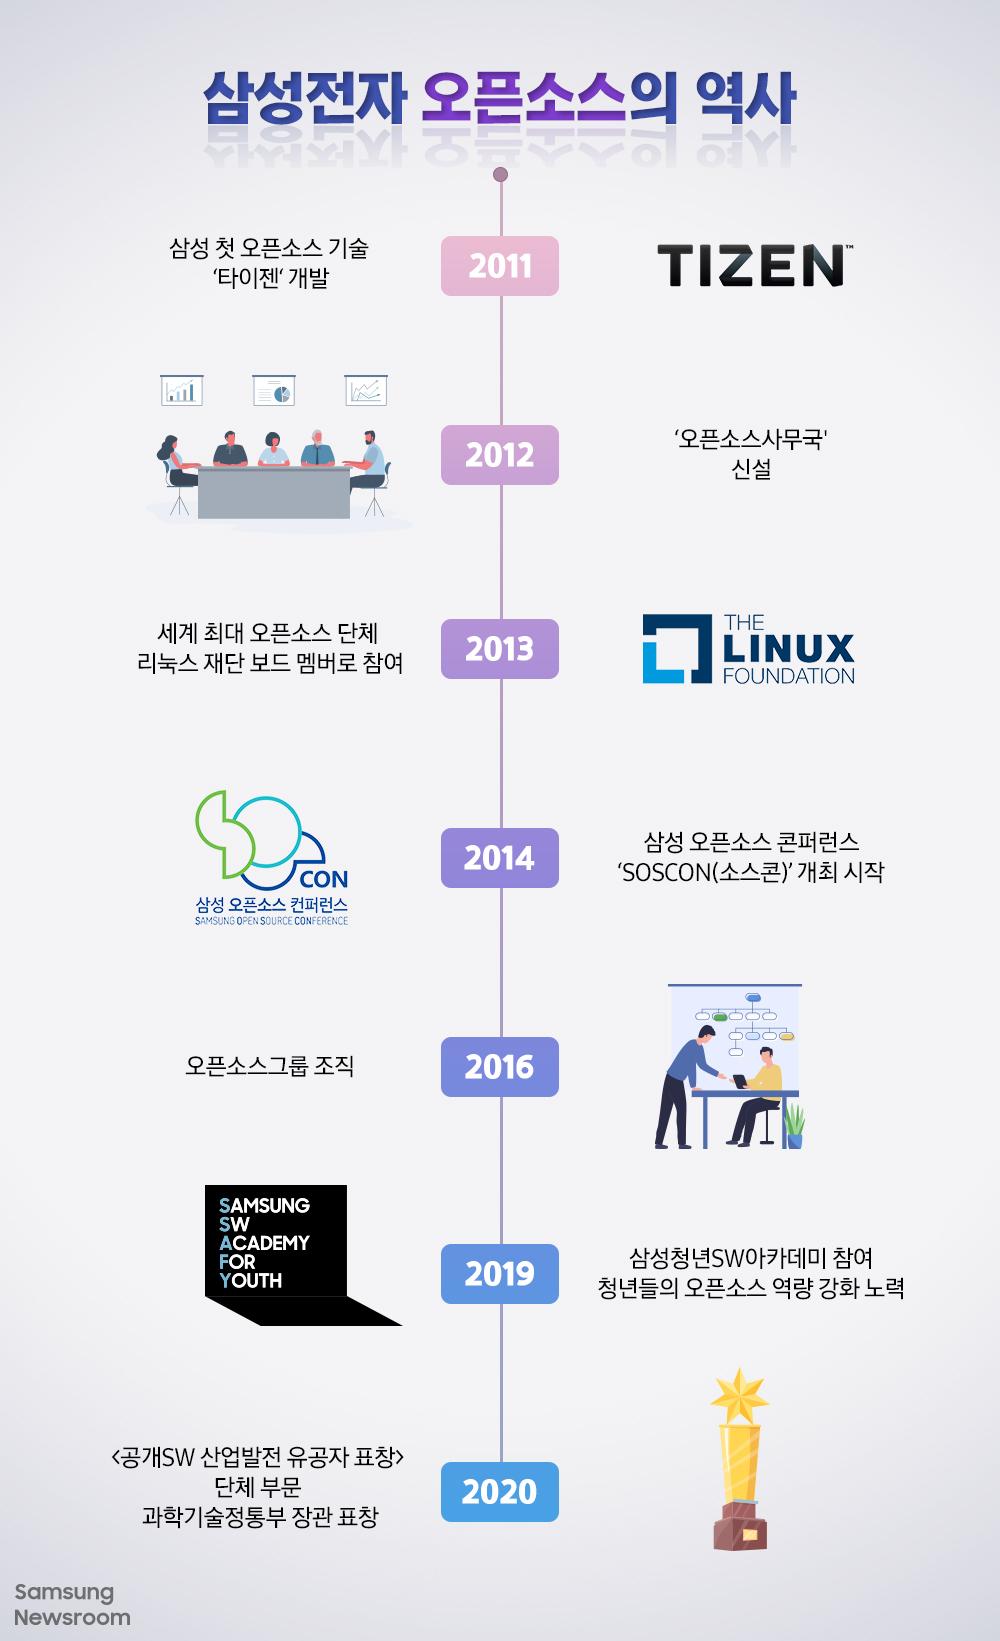 삼성전자 오픈소스의 역사 2011 삼성 첫 오픈소스 기술 '타이젠(TIZEN)' 개발 2012 '오픈소스사무국' 신설 2013 세계 최대 오픈소스 단체 리눅스 재단(THE LINUX FOUNDATION) 보드 멤버로 참여  2014 삼성 오픈소스 컨퍼런스 'SOSCON(소스콘)' 개최 시작 2016 오픈소스그룹조직 2019 삼성청년SW아카데미 참여 청년들의 오픈소스 역량 강화 노력(SAMSUNG SW ACADEMY FOR YOUTH) 2020 <공개SW 산업발전 유공자 표창> 단체 부문 과학기술정통부 장관 표창